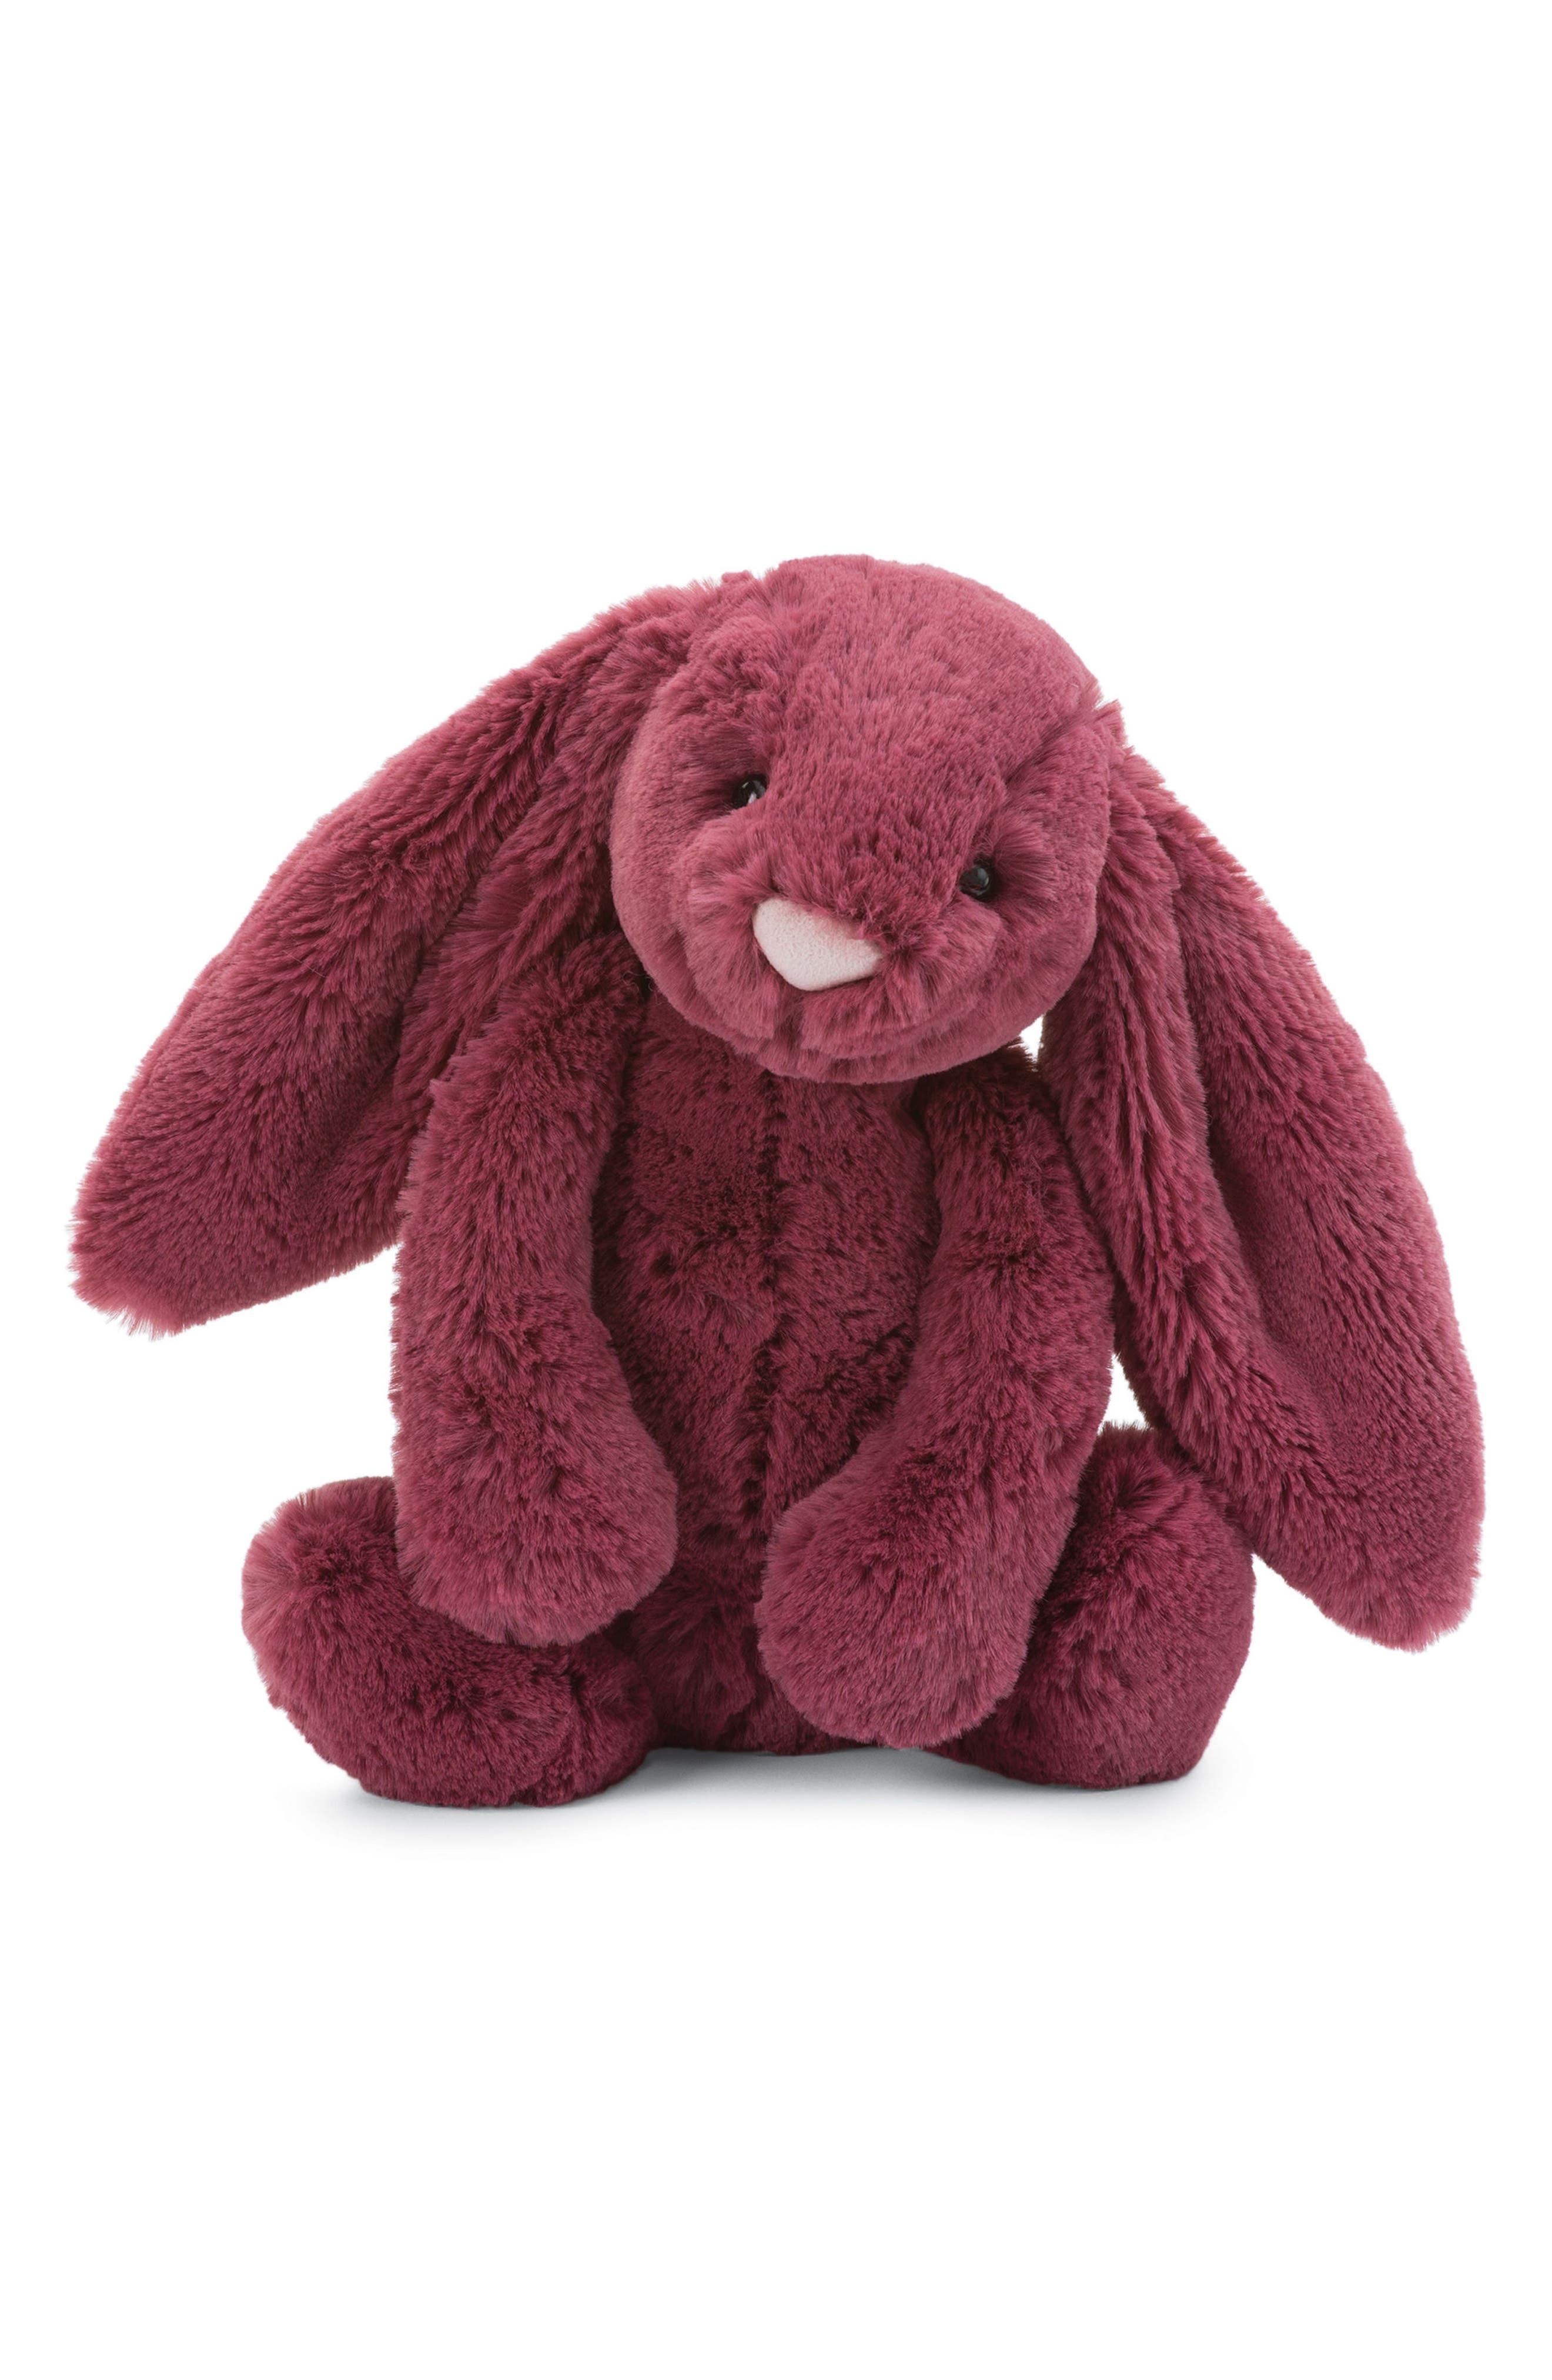 Main Image - Jellycat Bashful Berry Bunny Stuffed Animal